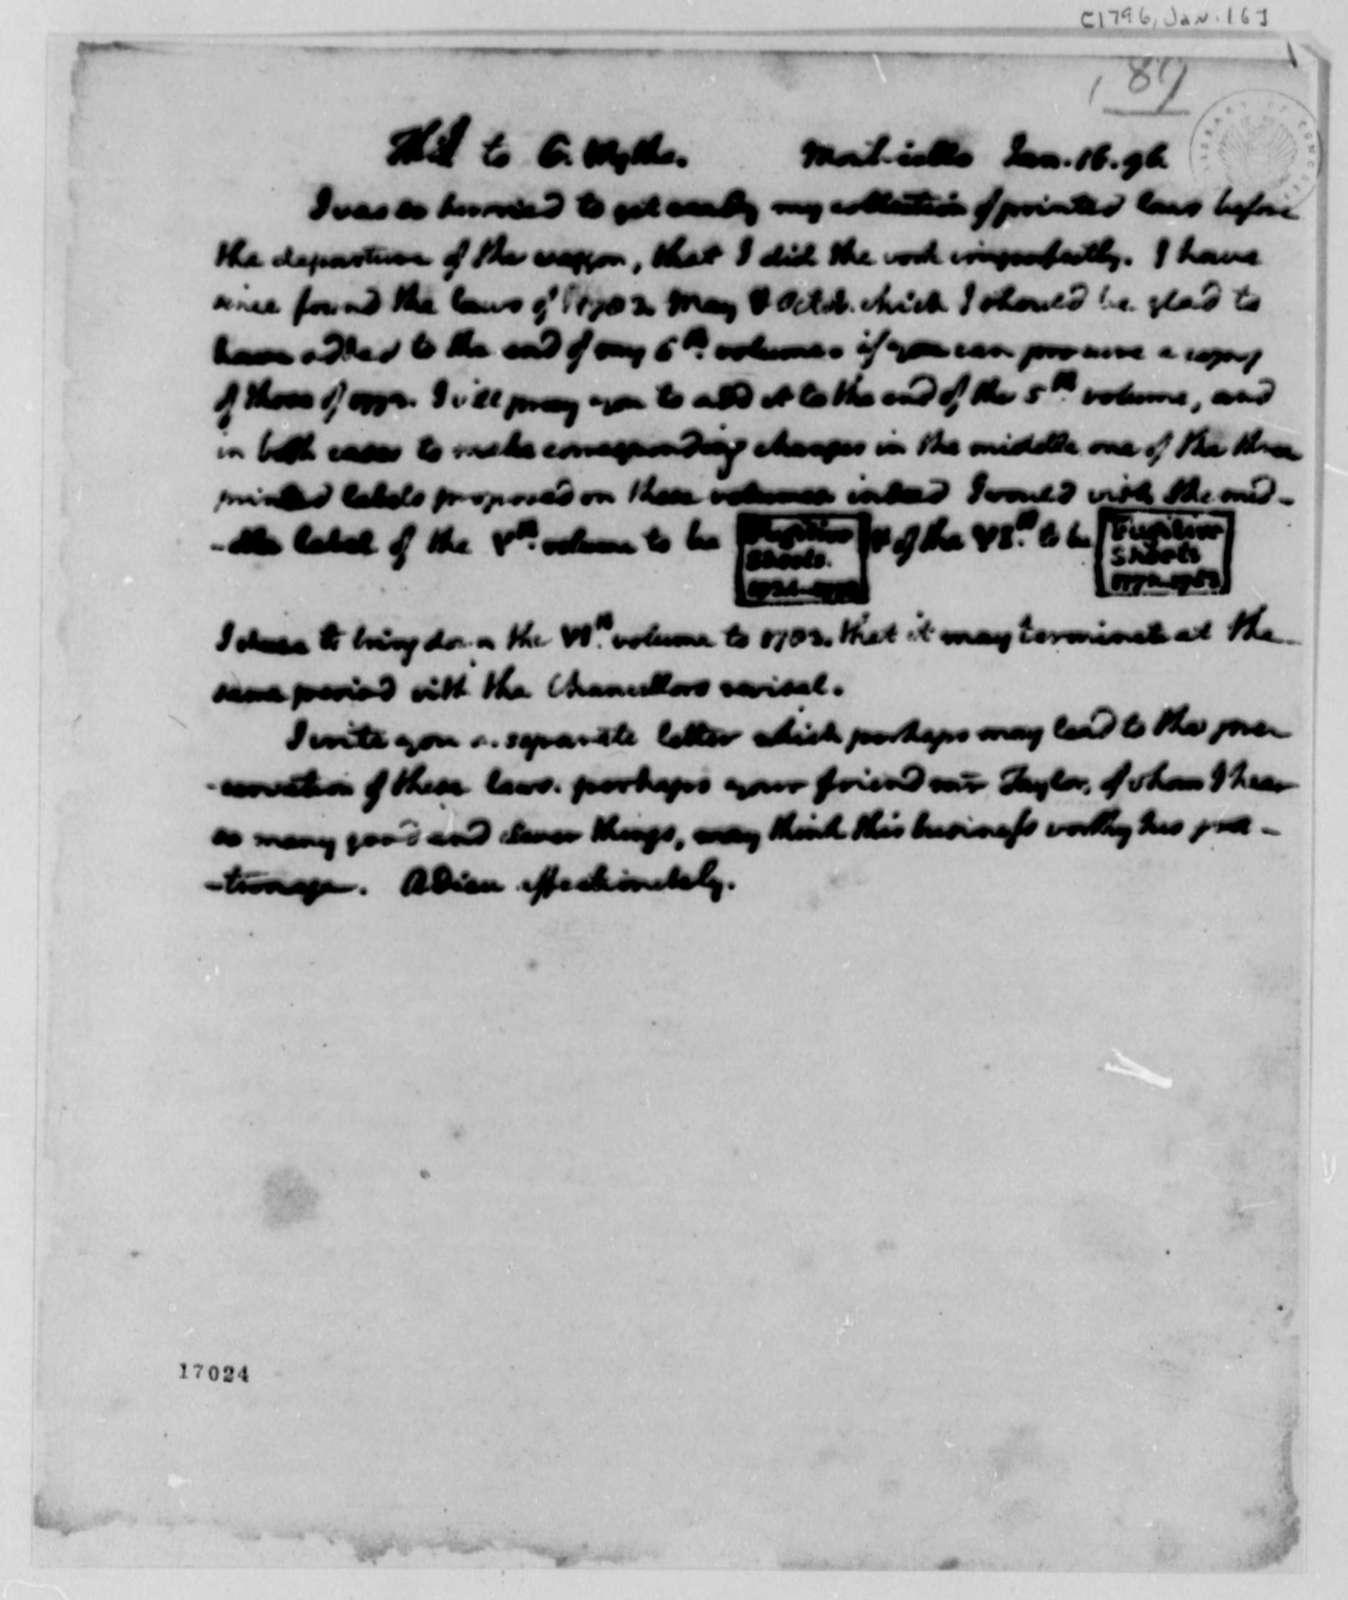 Thomas Jefferson to George Wythe, January 16, 1796